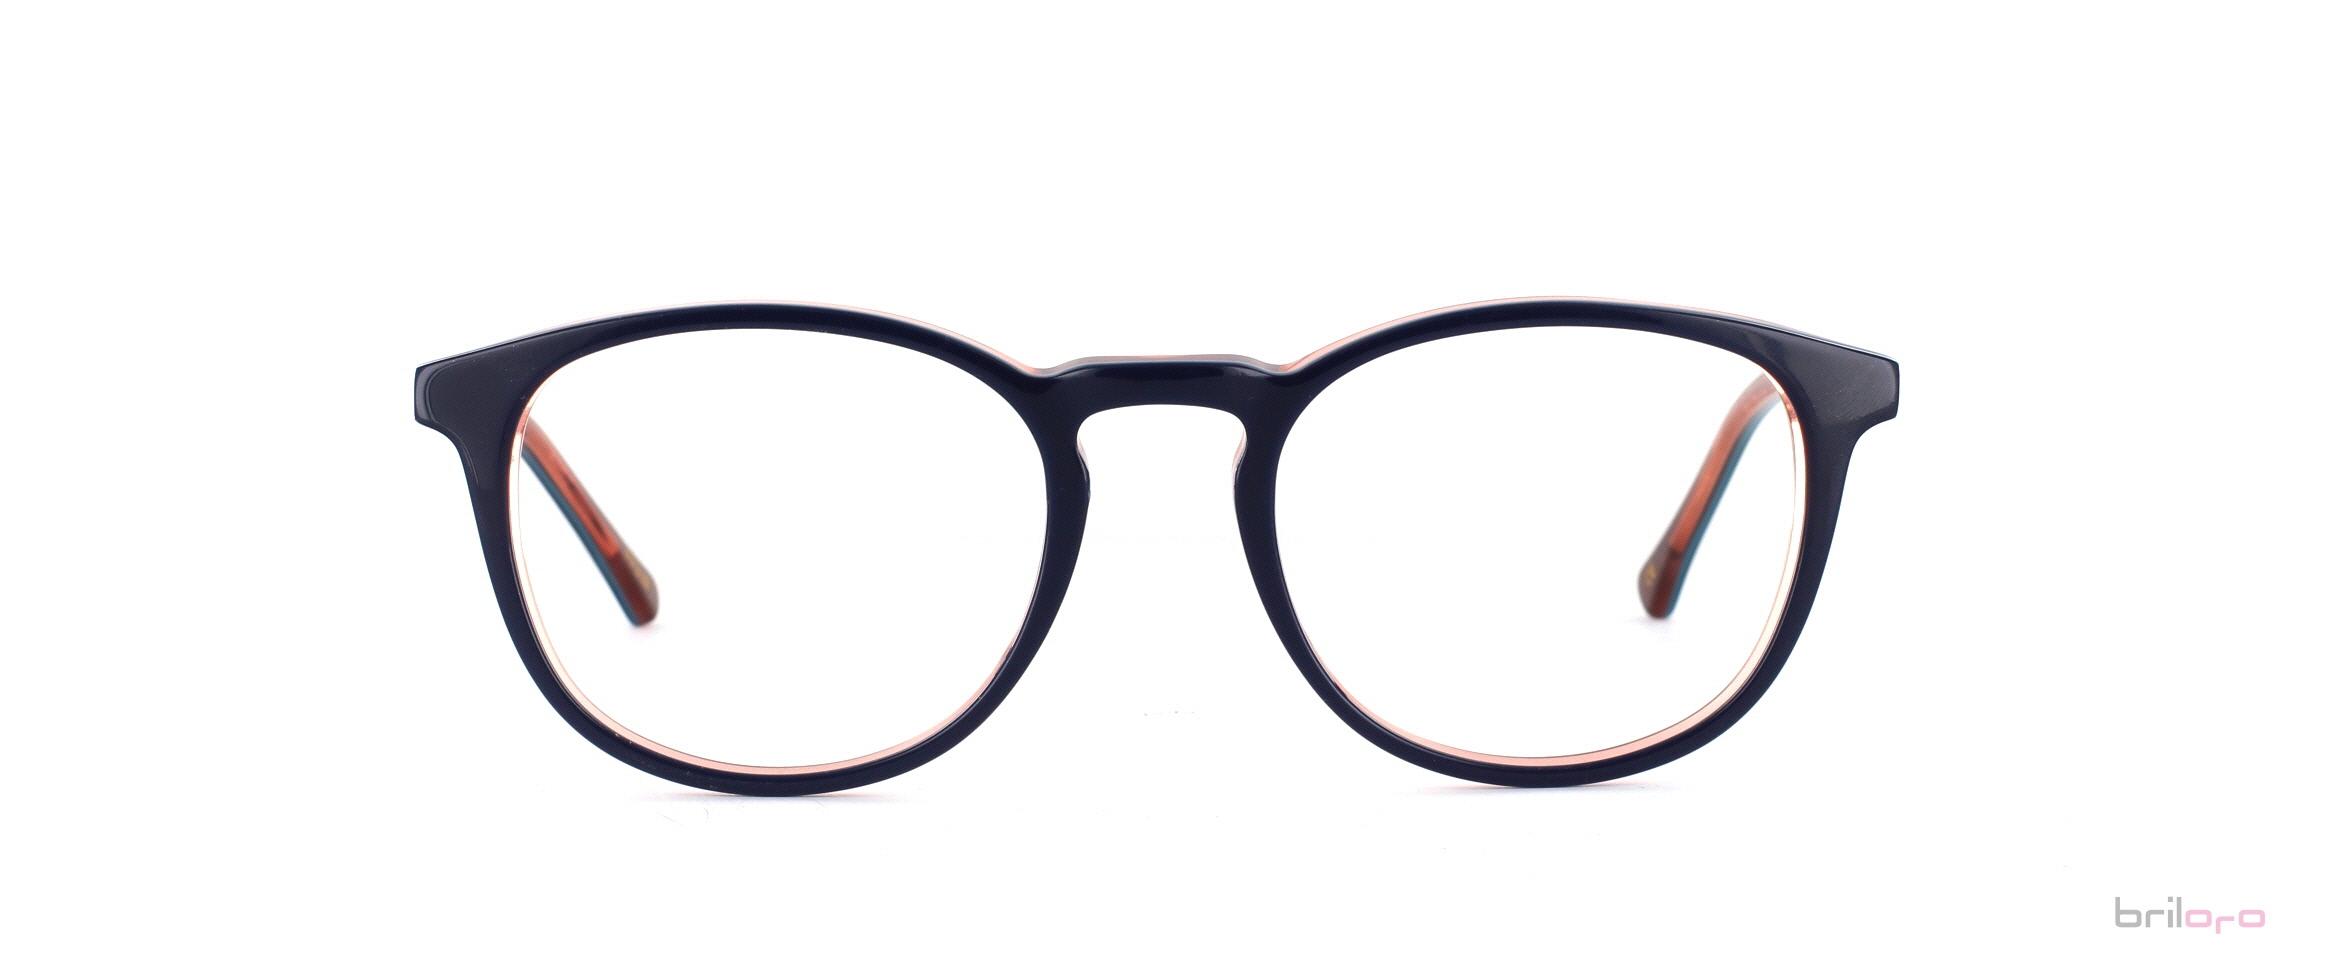 Coole Fenton Triple Layer One Brille für herzförmige Gesichter kaufen